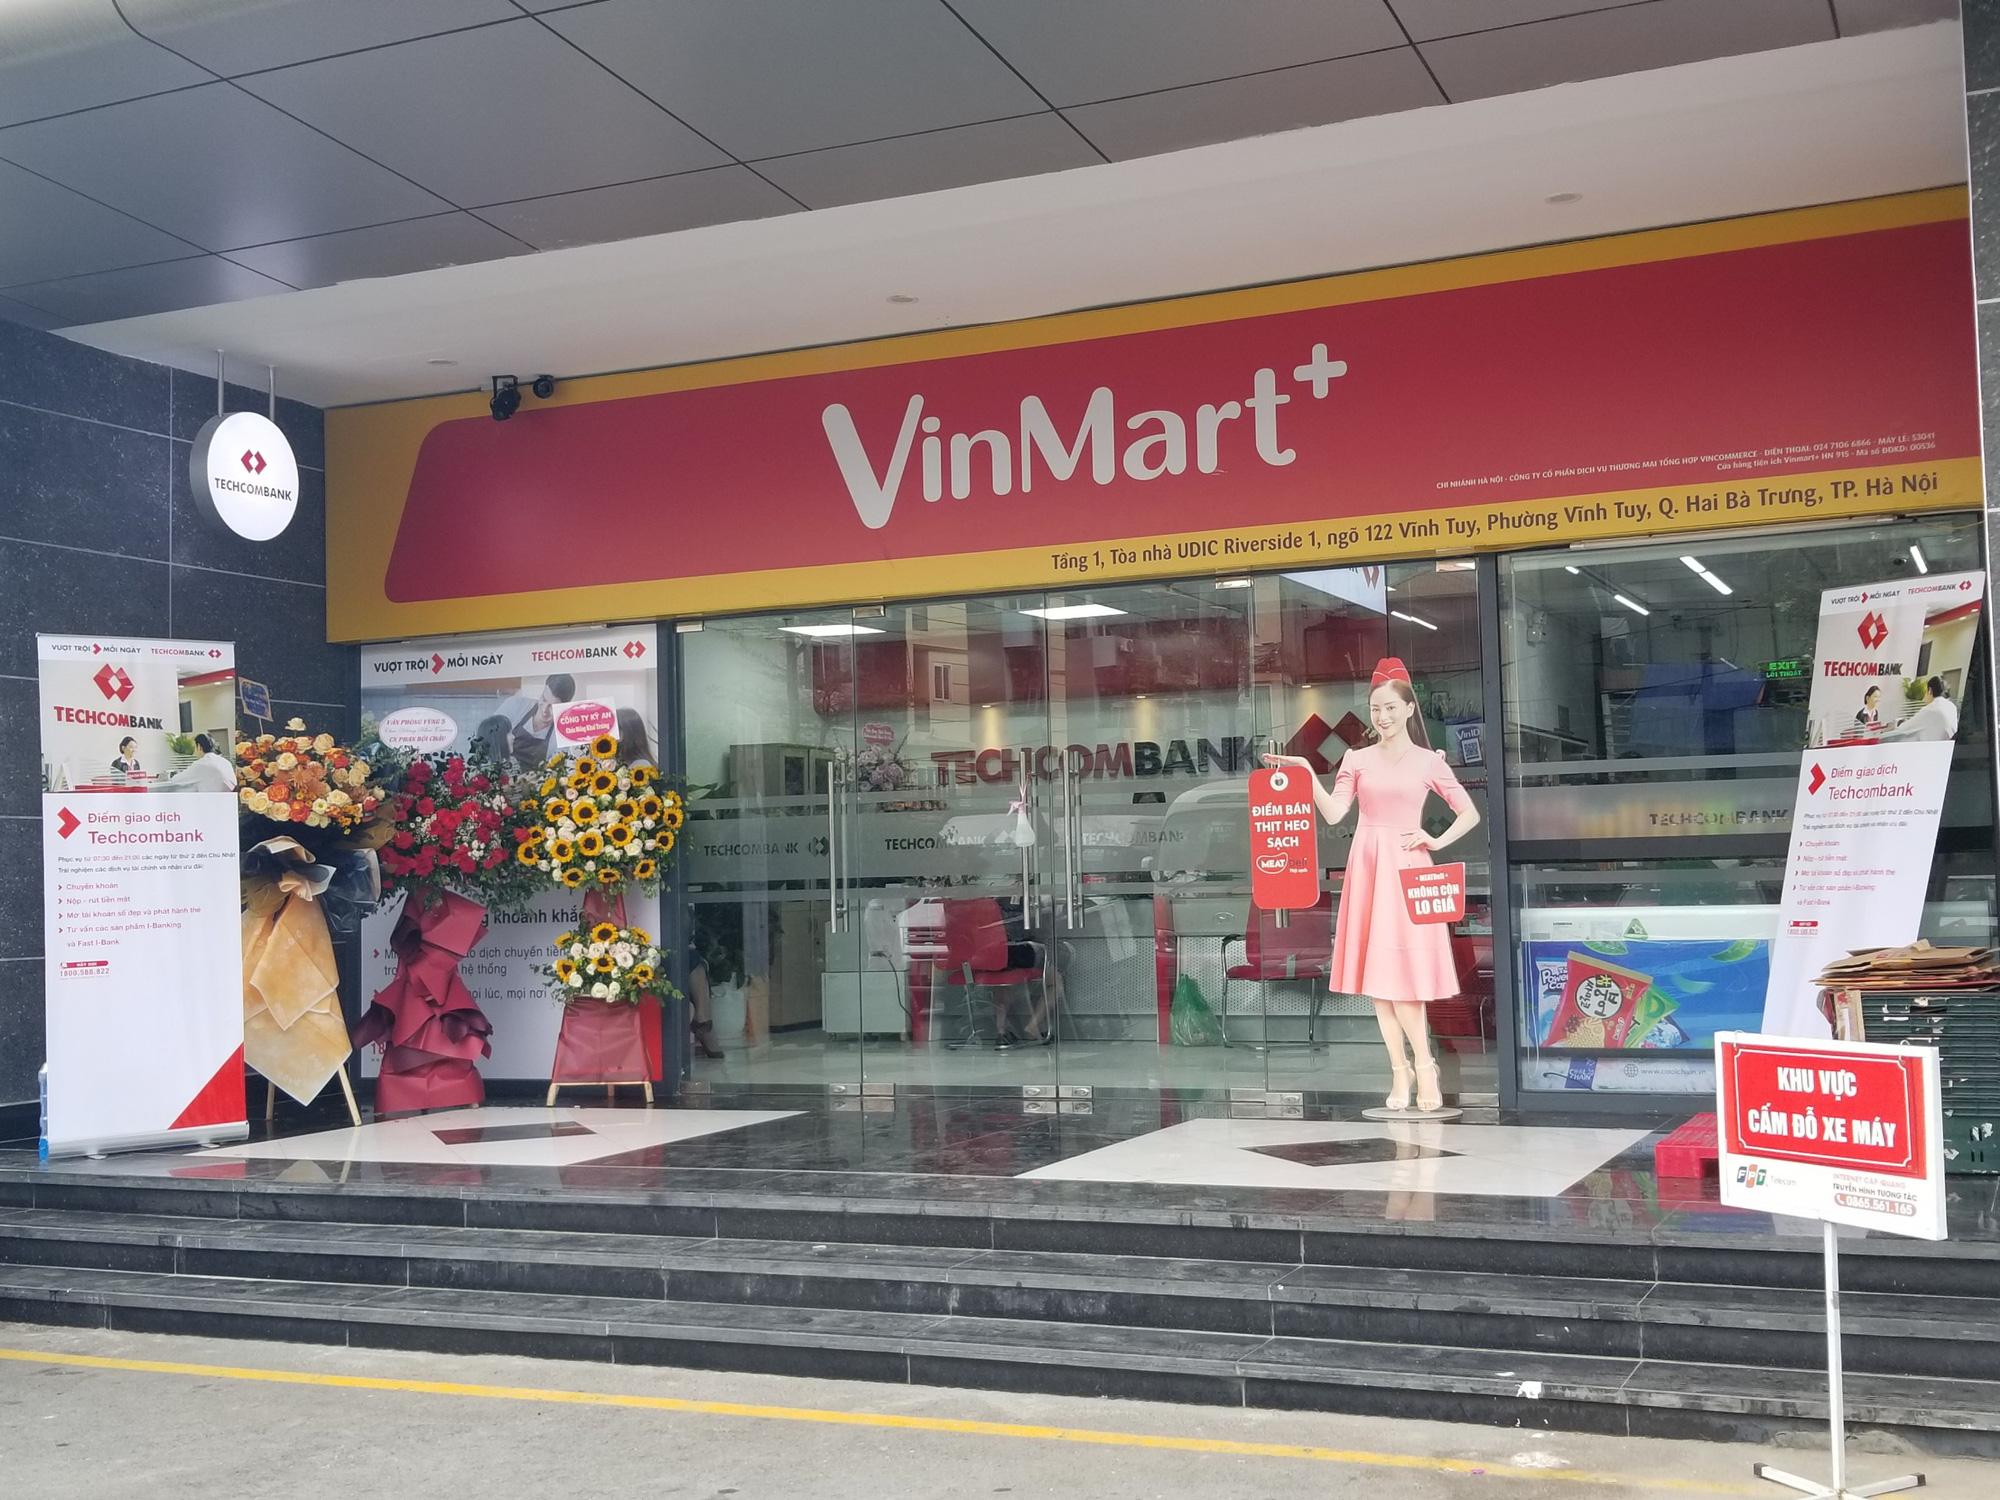 Cửa hàng VinMart+ kết hợp với dịch vụ tài chính Techcombank cùng kiosk Phúc Long lần đầu xuất hiện tại Hà Nội - Ảnh 2.